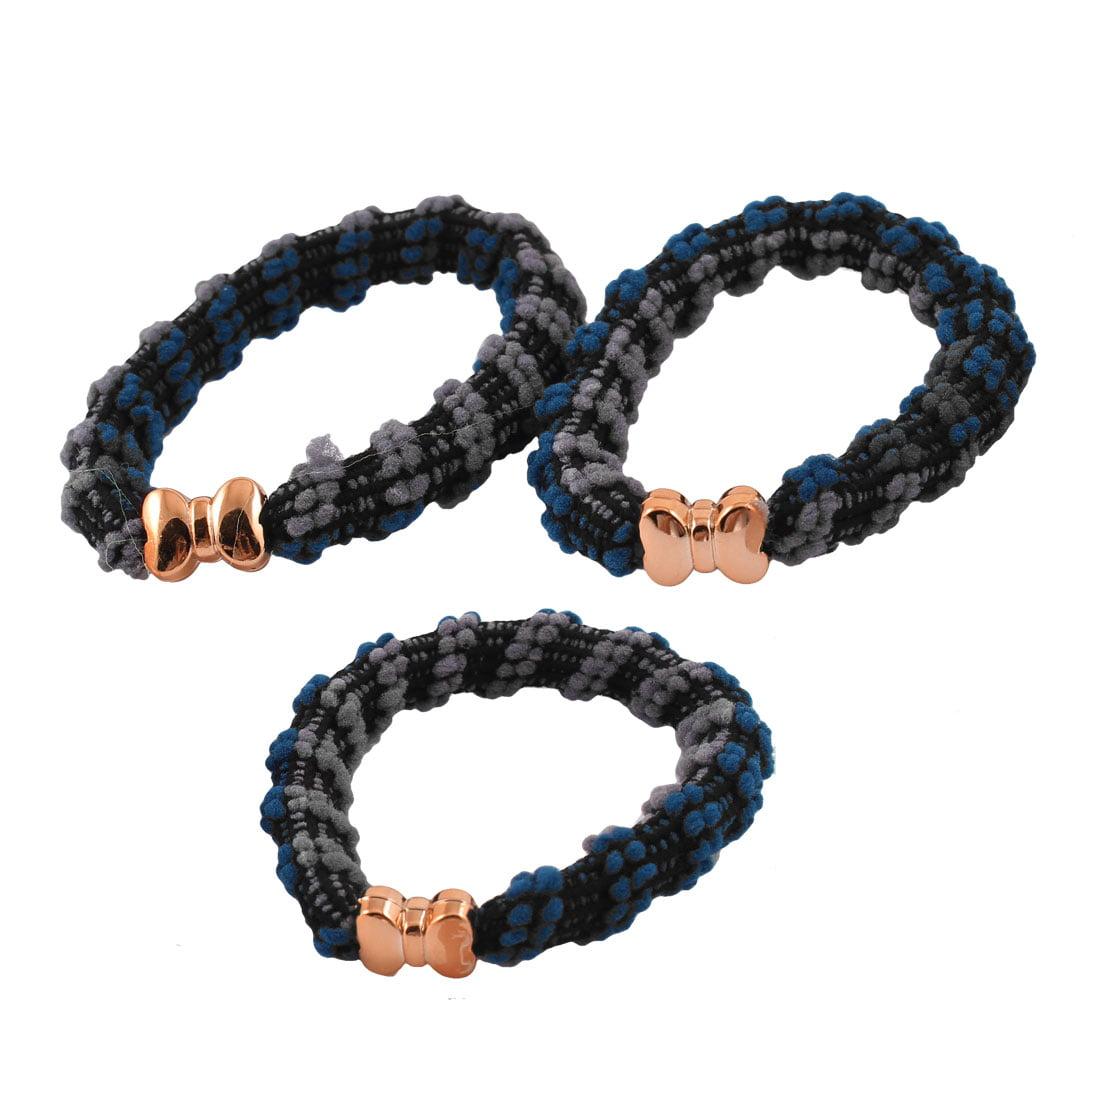 Unique Bargains Ladies Blue Black Gray Stretch Bands Hair Ties Ponytail Holders 3 Pcs - image 1 de 1